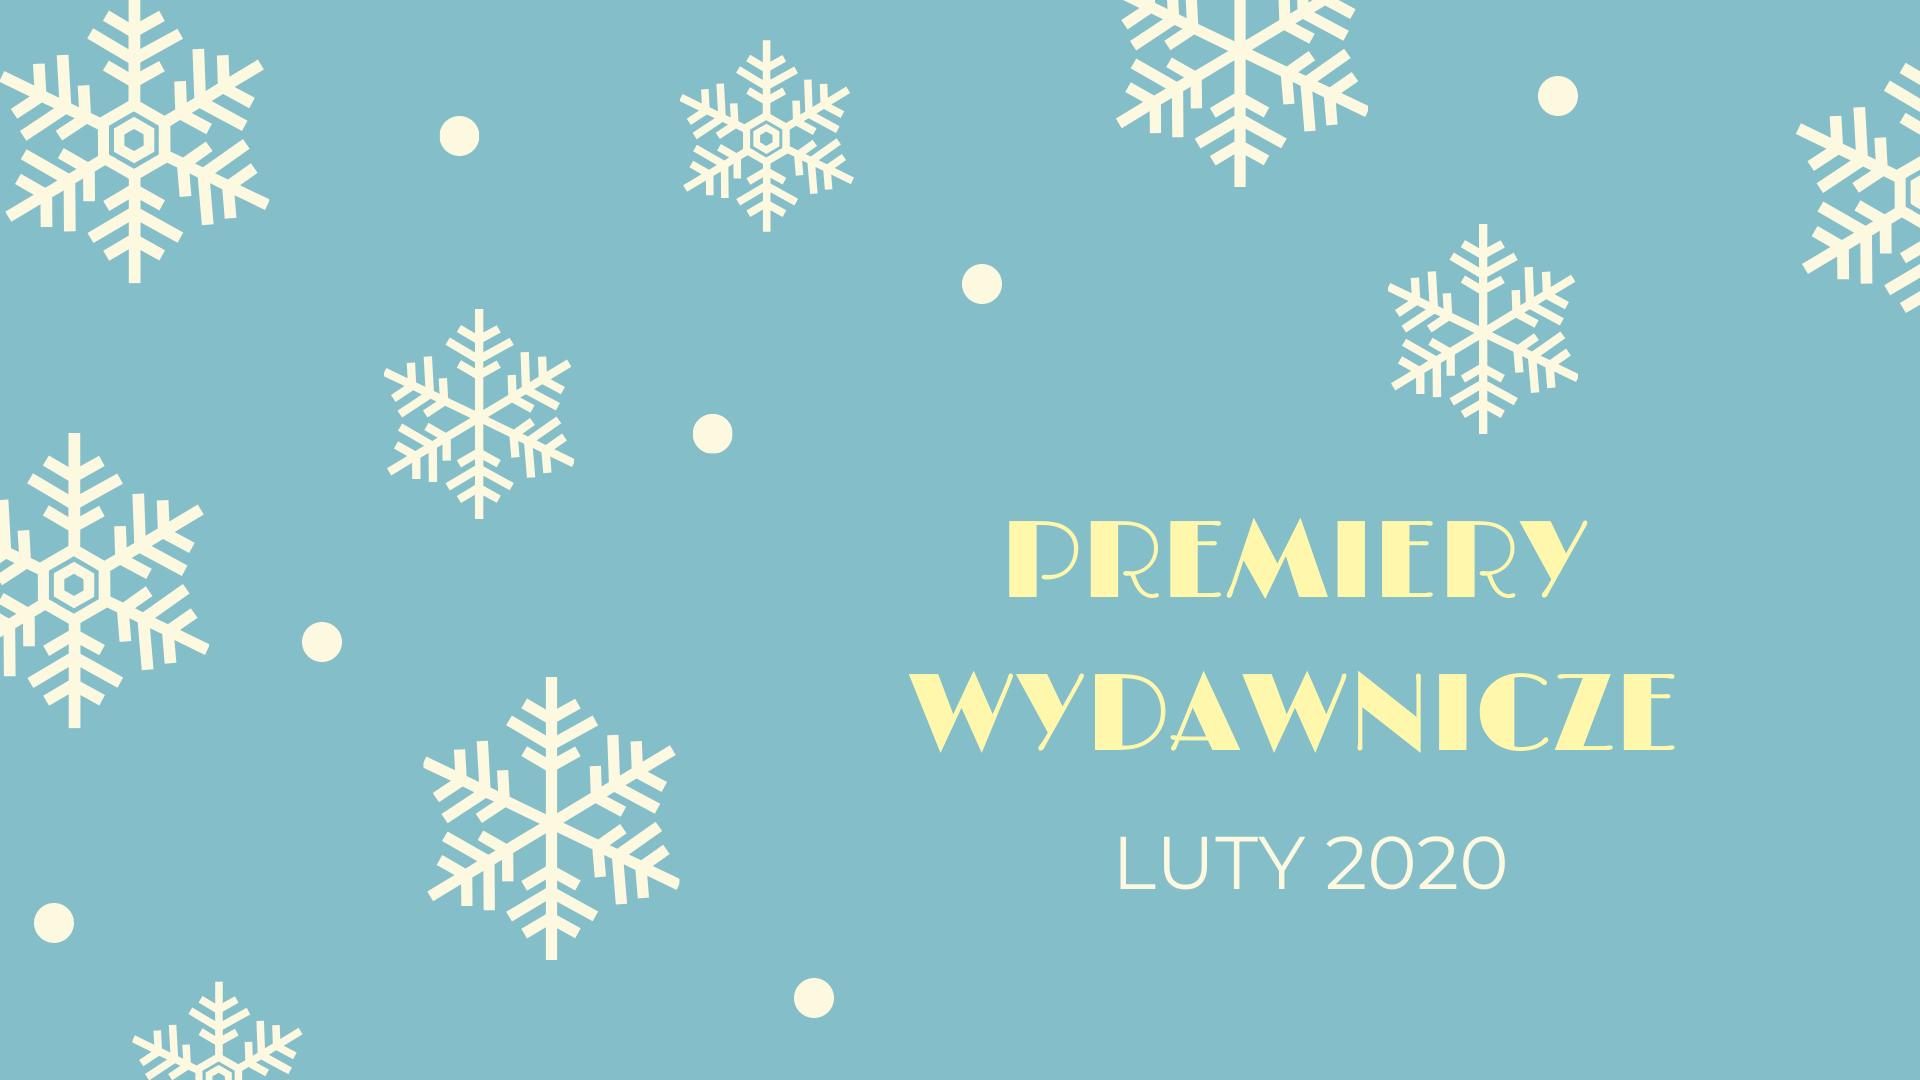 Premiery wydawnicze – luty 2020